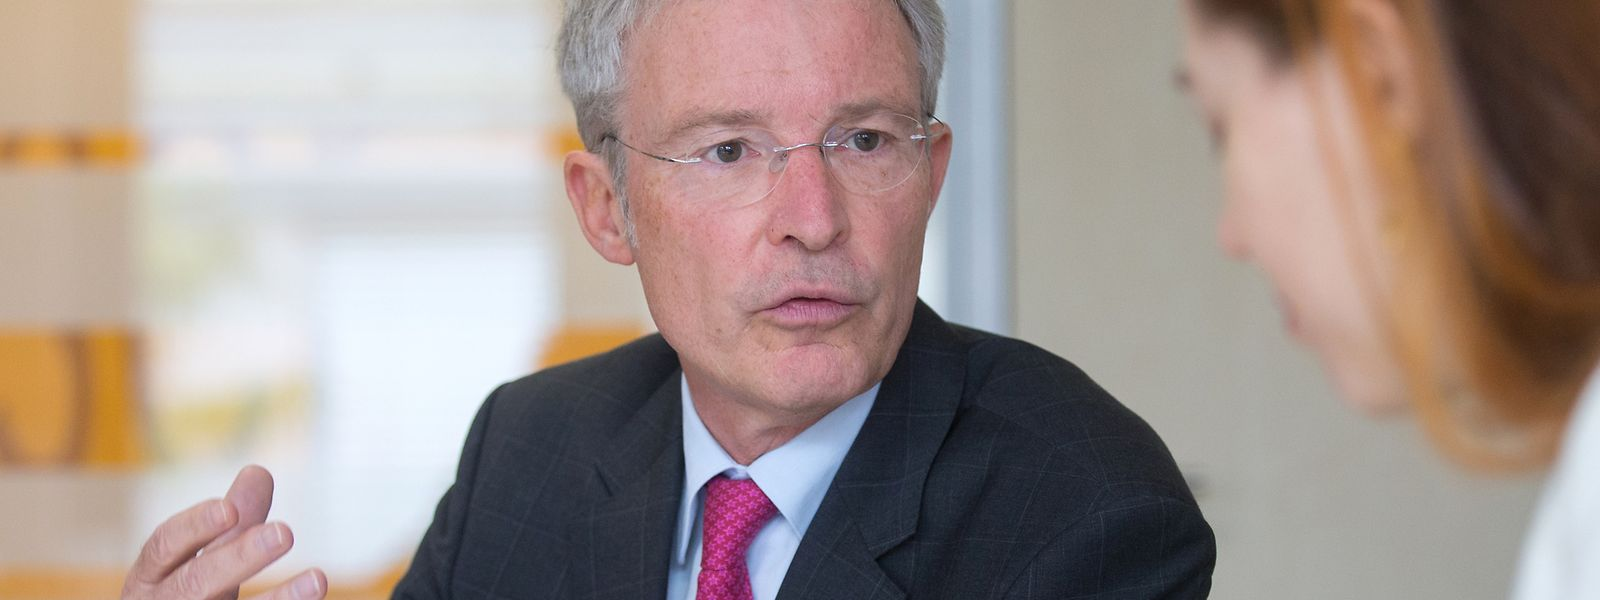 """Paul Junck, der Präsident der """"Féderation des hopitaux"""", war am Dienstagmorgen bei RTL im Interview."""